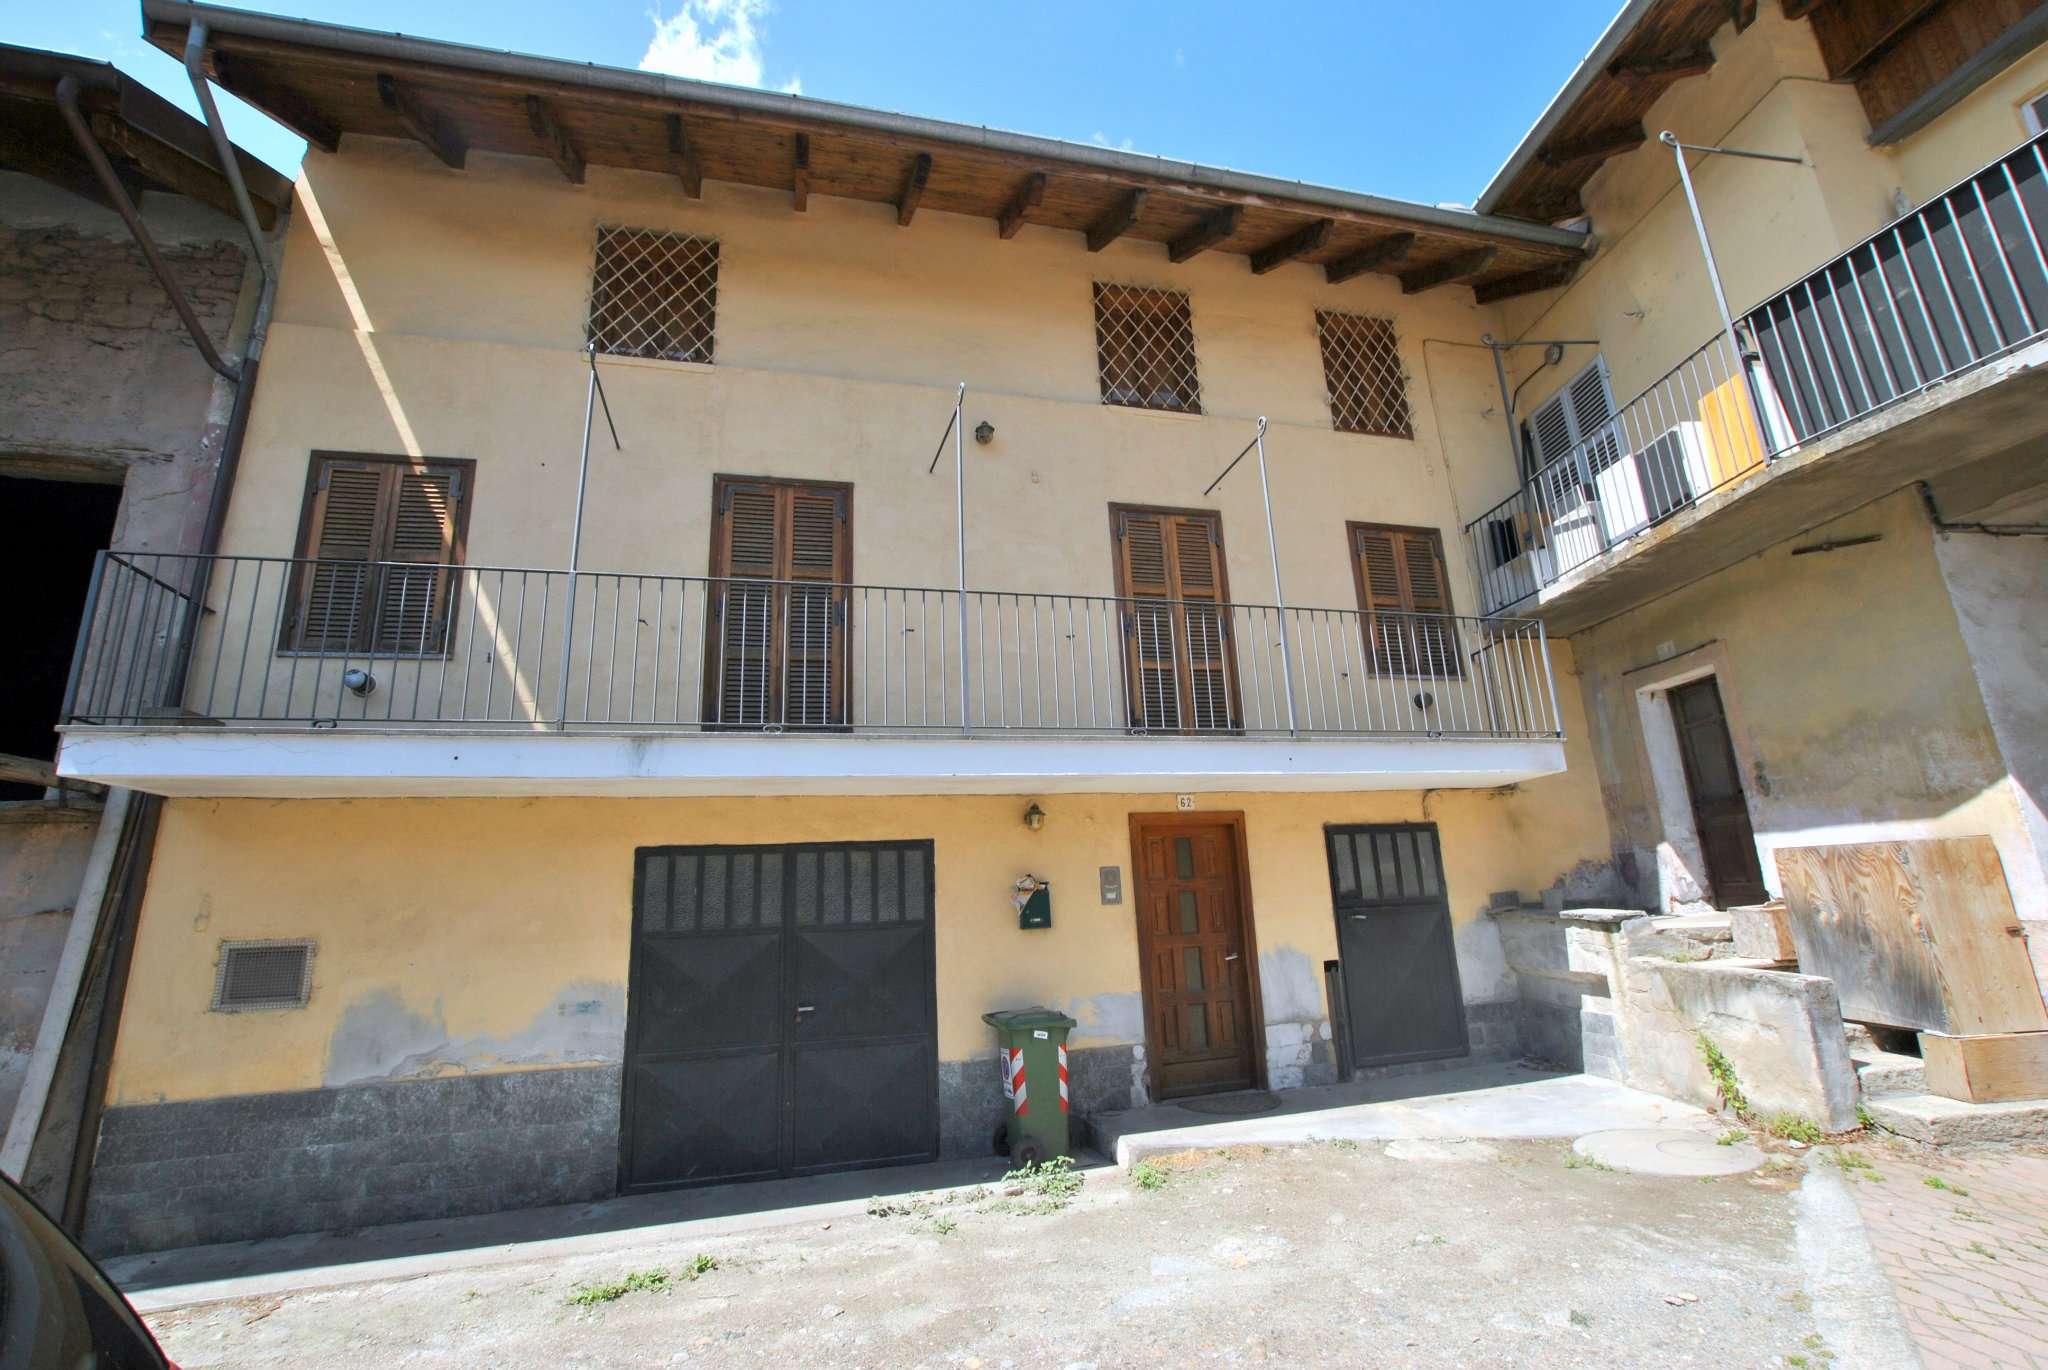 Soluzione Semindipendente in affitto a Villar Focchiardo, 4 locali, prezzo € 385 | PortaleAgenzieImmobiliari.it